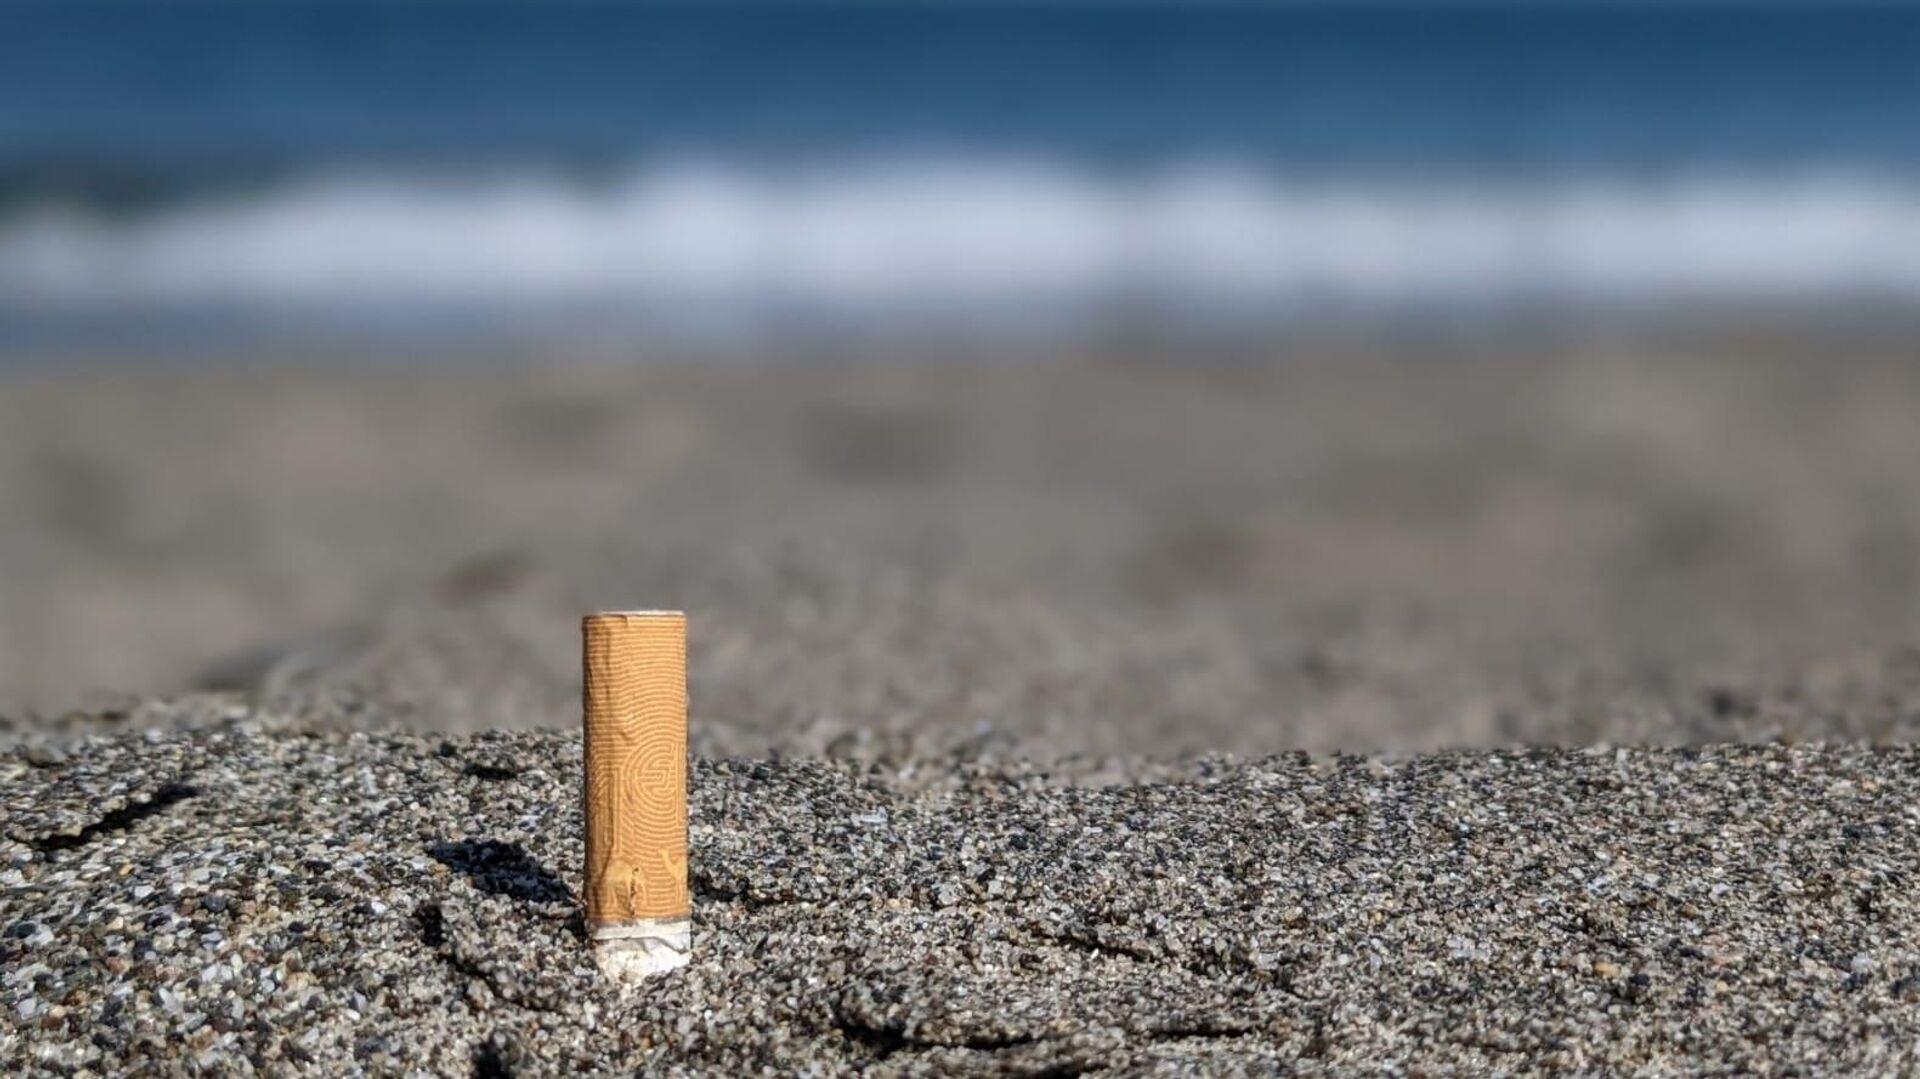 Imagen referencial de una colilla en la playa - Sputnik Mundo, 1920, 04.05.2021